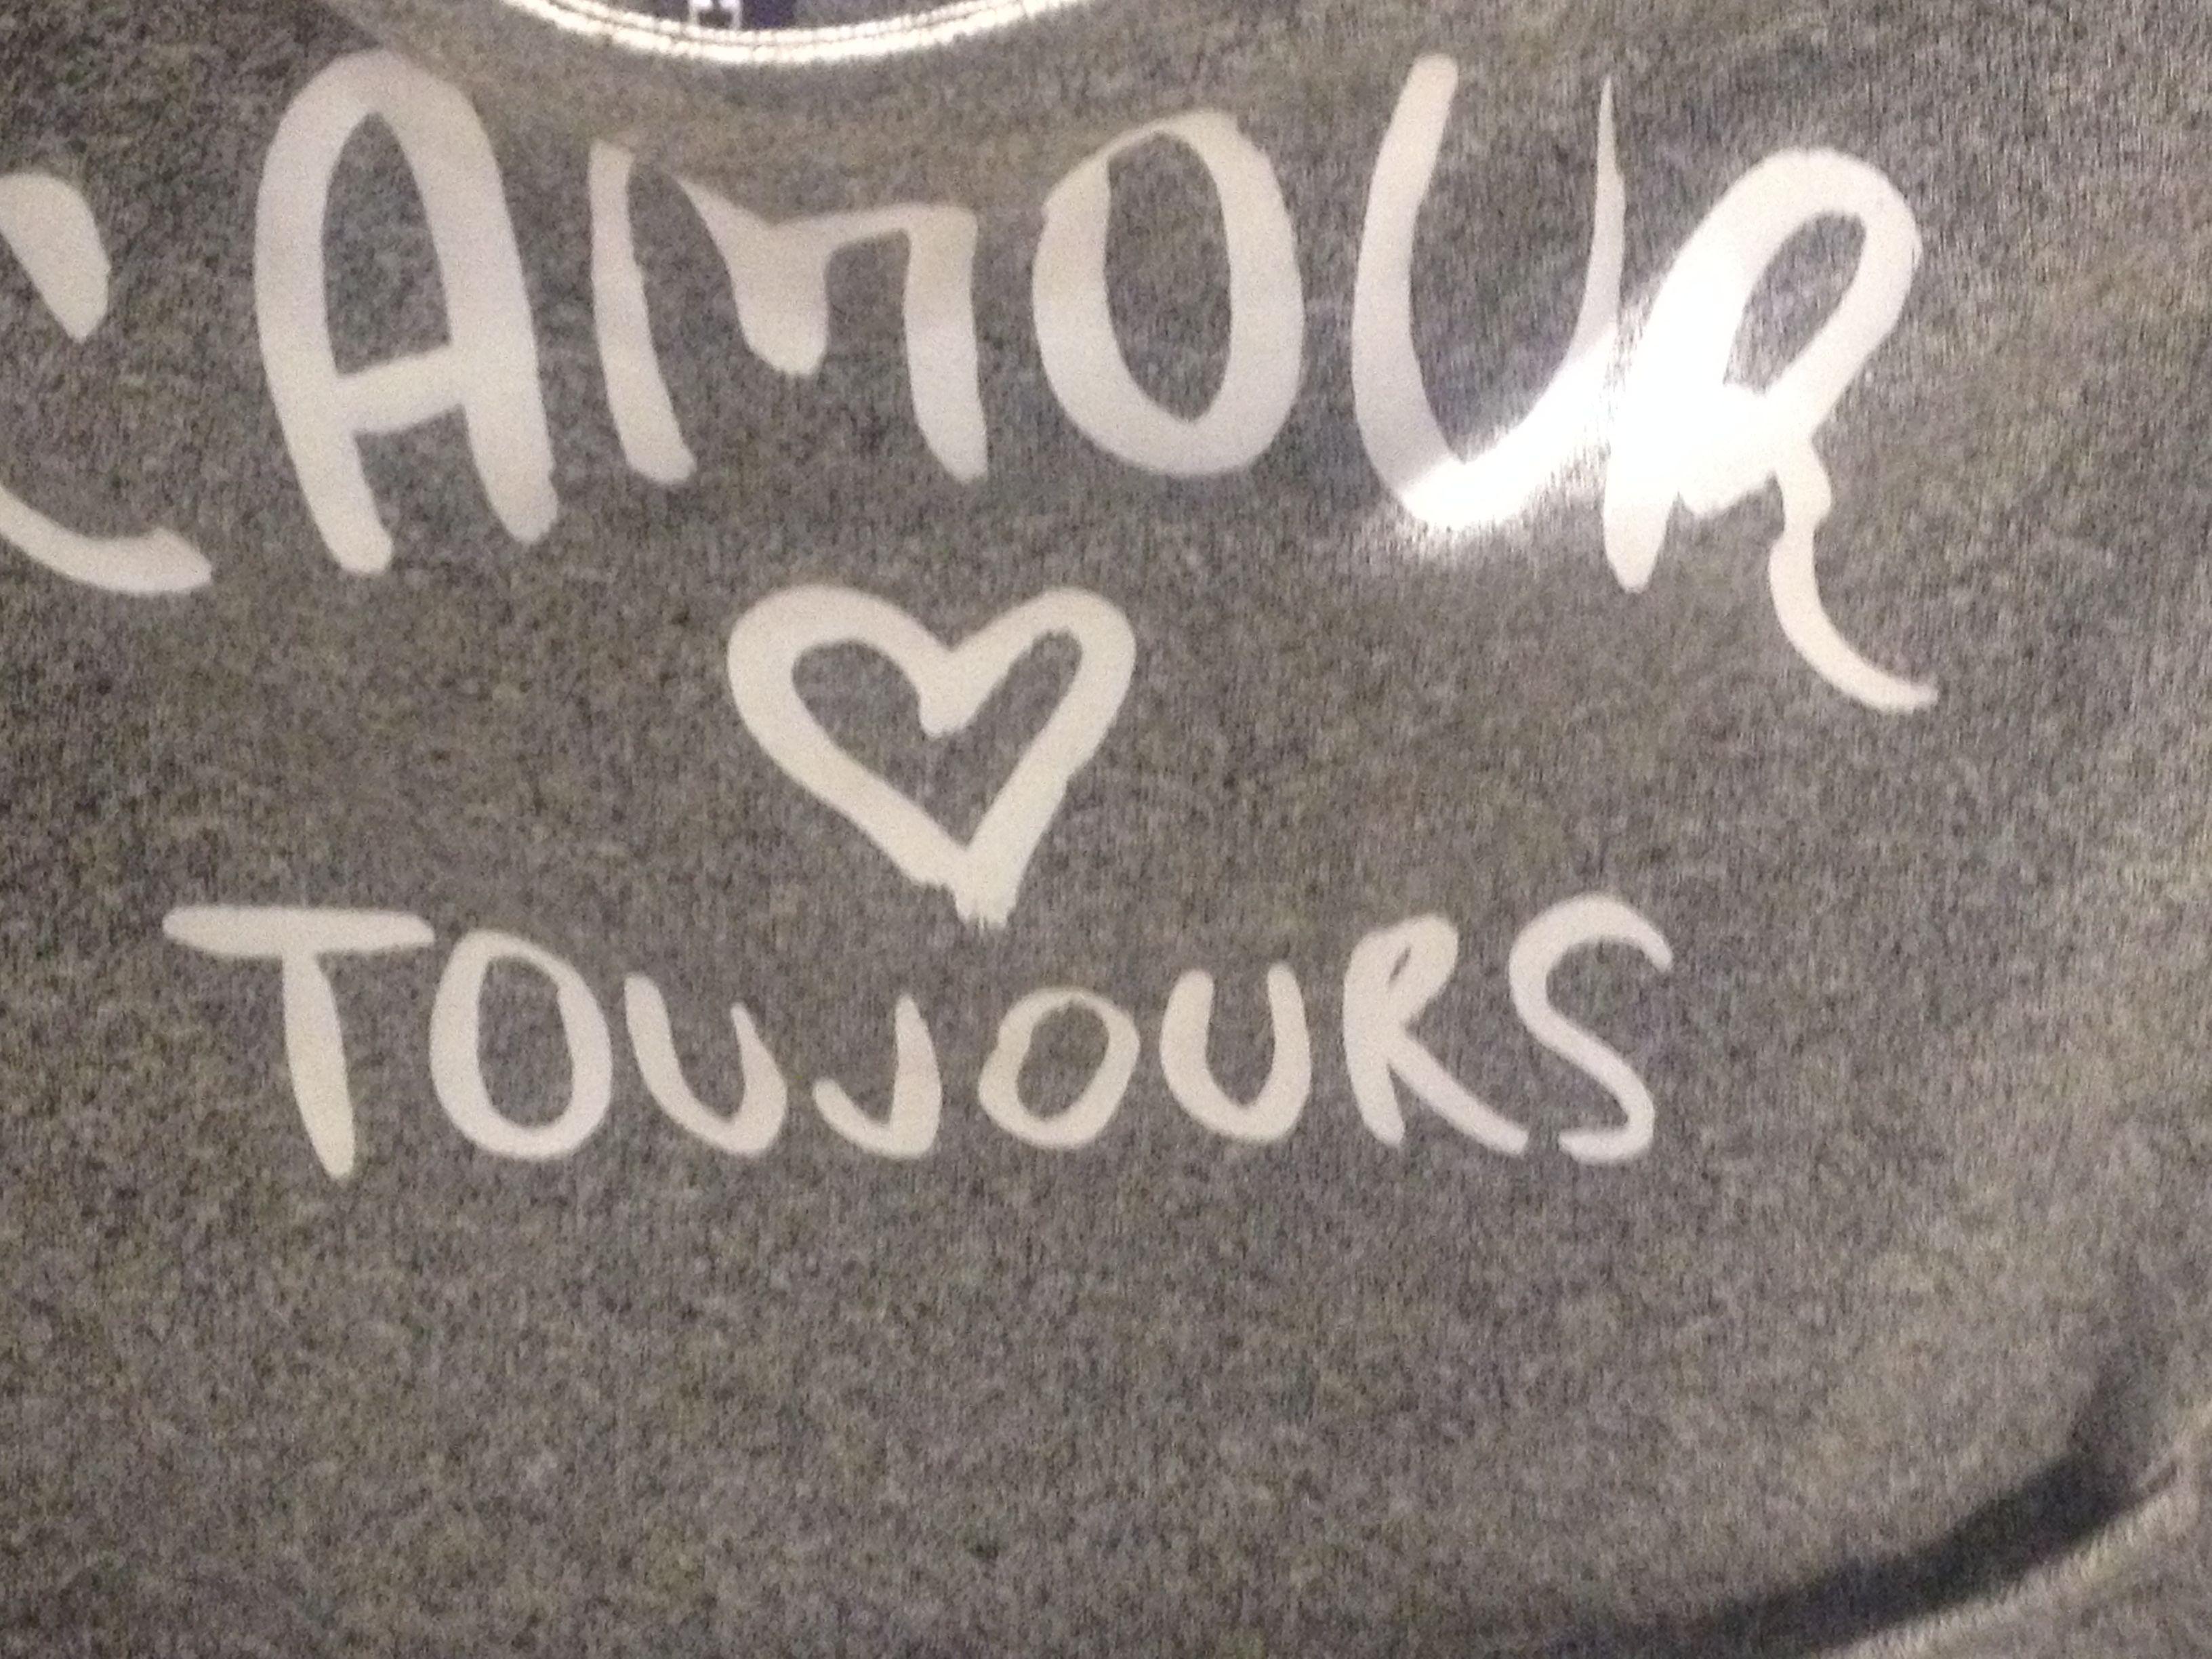 Lamour Toujours. Een tekst die op een shirtje staat in de H&M.